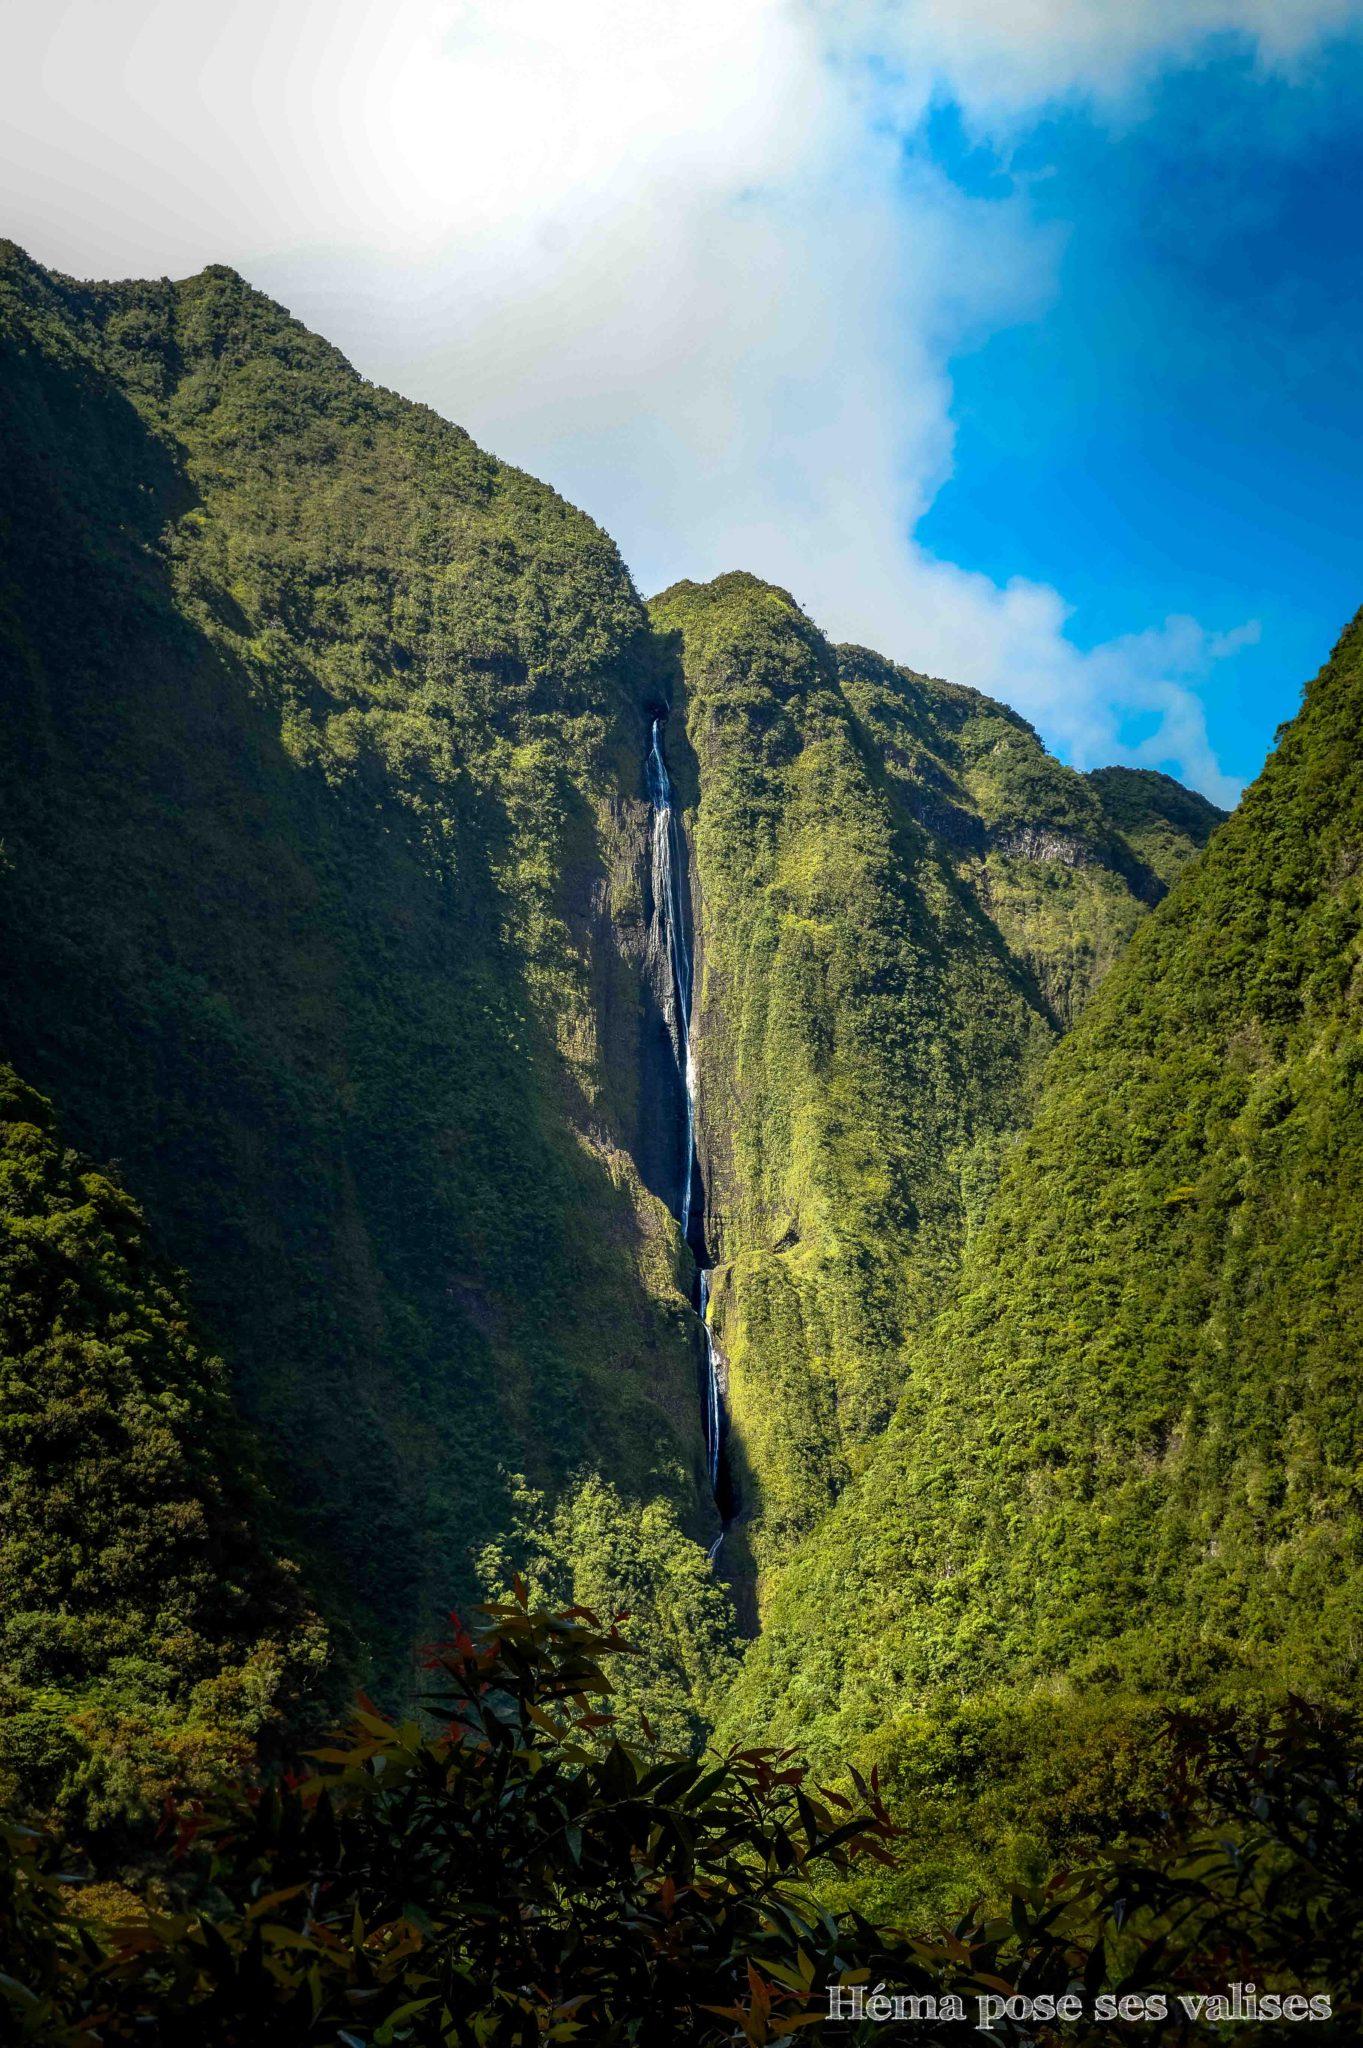 Vue sur la cascade La Voile de la Mariée depuis la route vers le cirque de Salazie à La Réunion